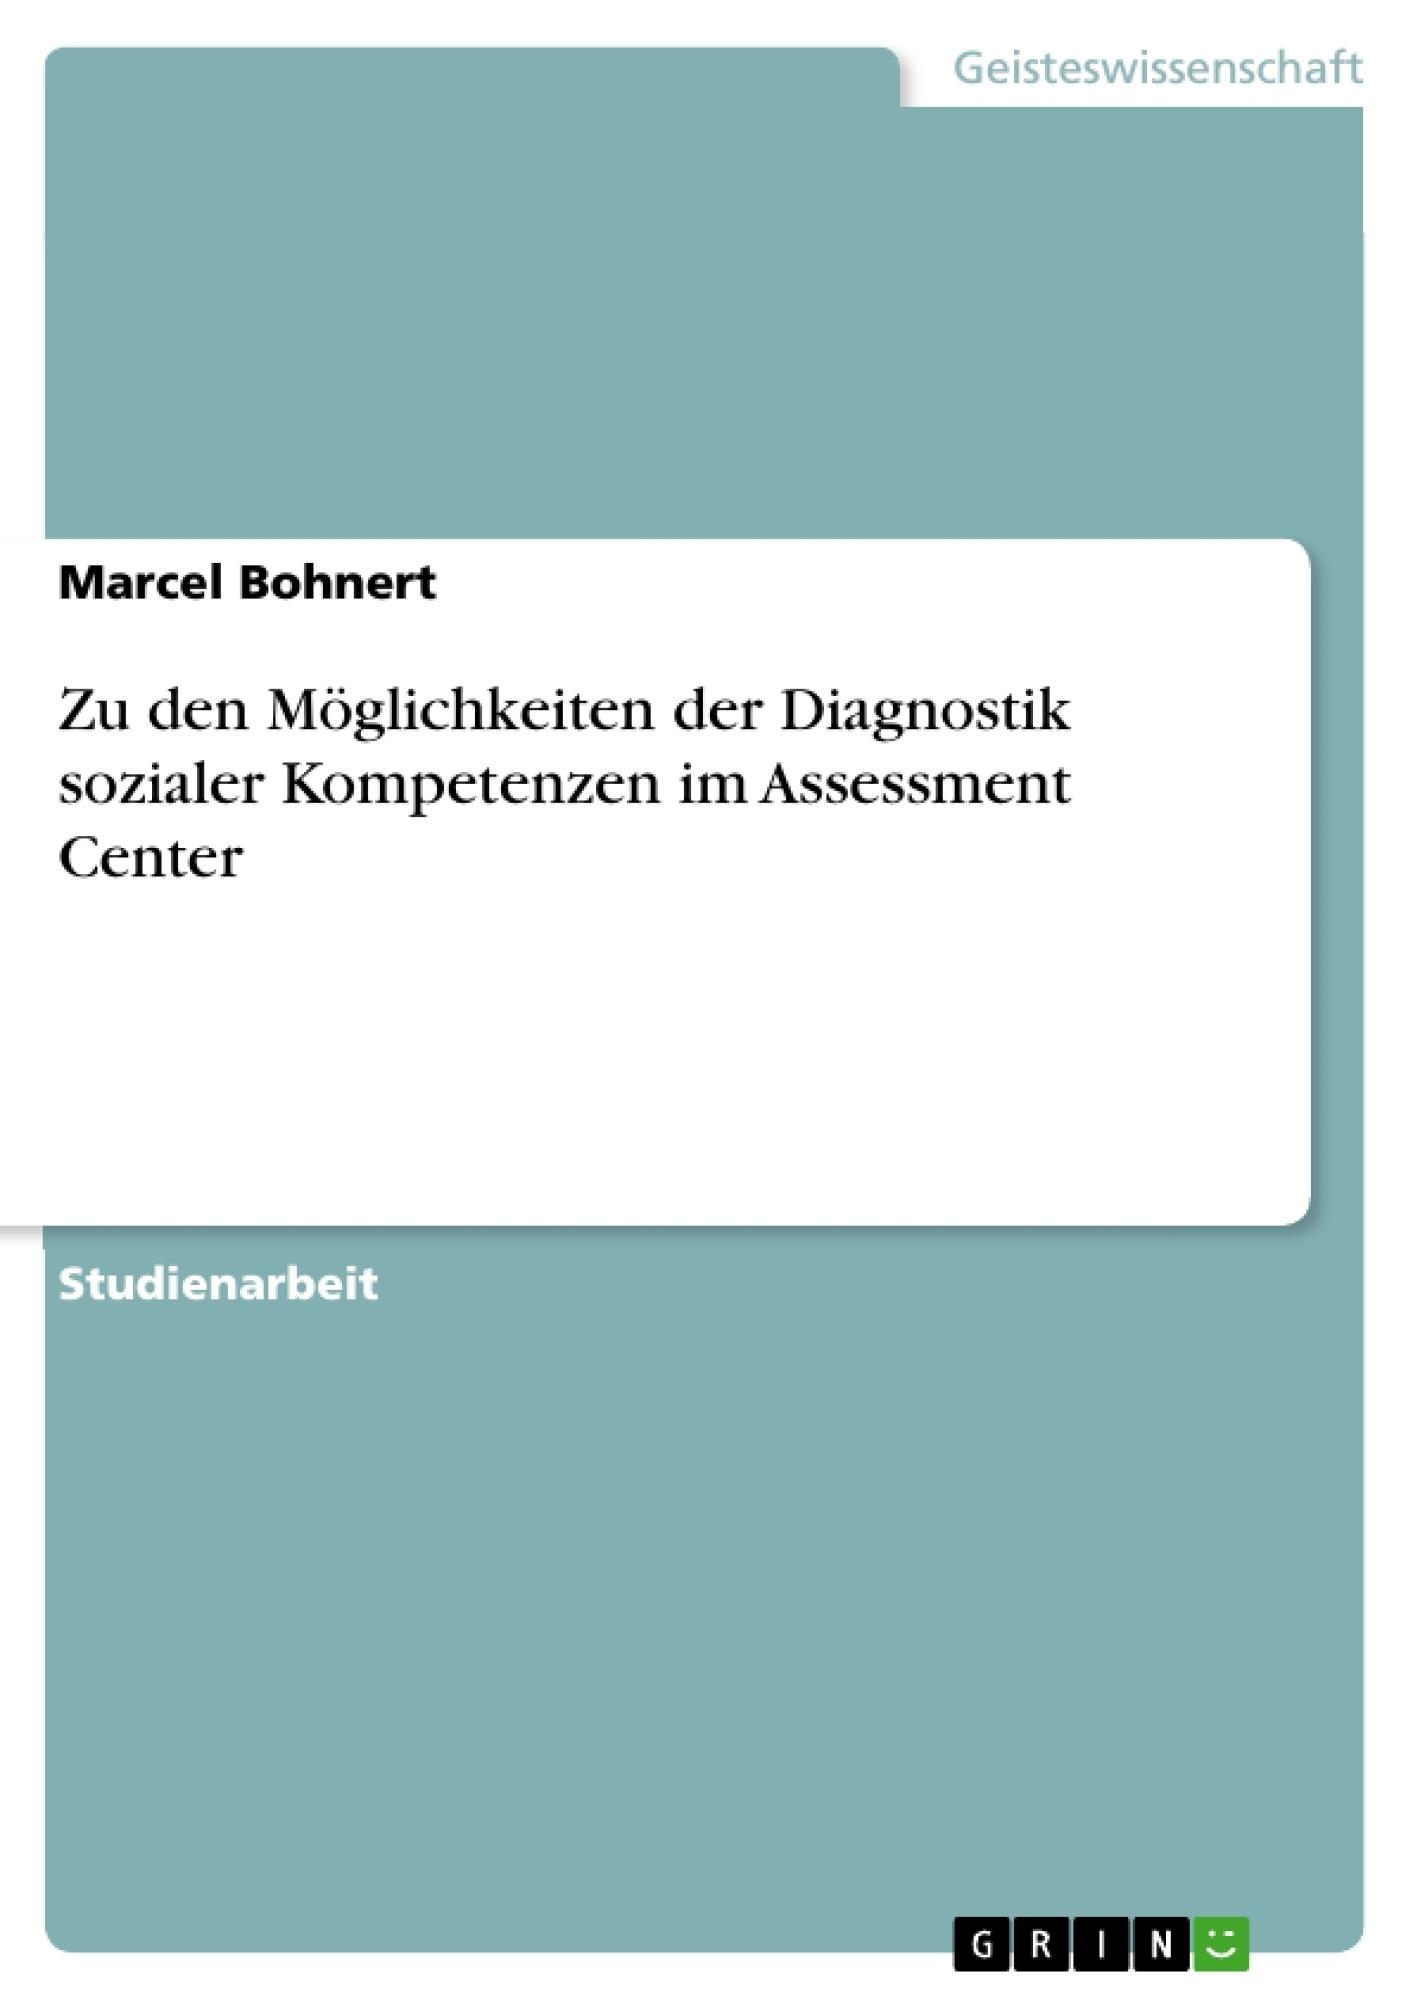 Titel: Zu den Möglichkeiten der Diagnostik sozialer Kompetenzen im Assessment Center